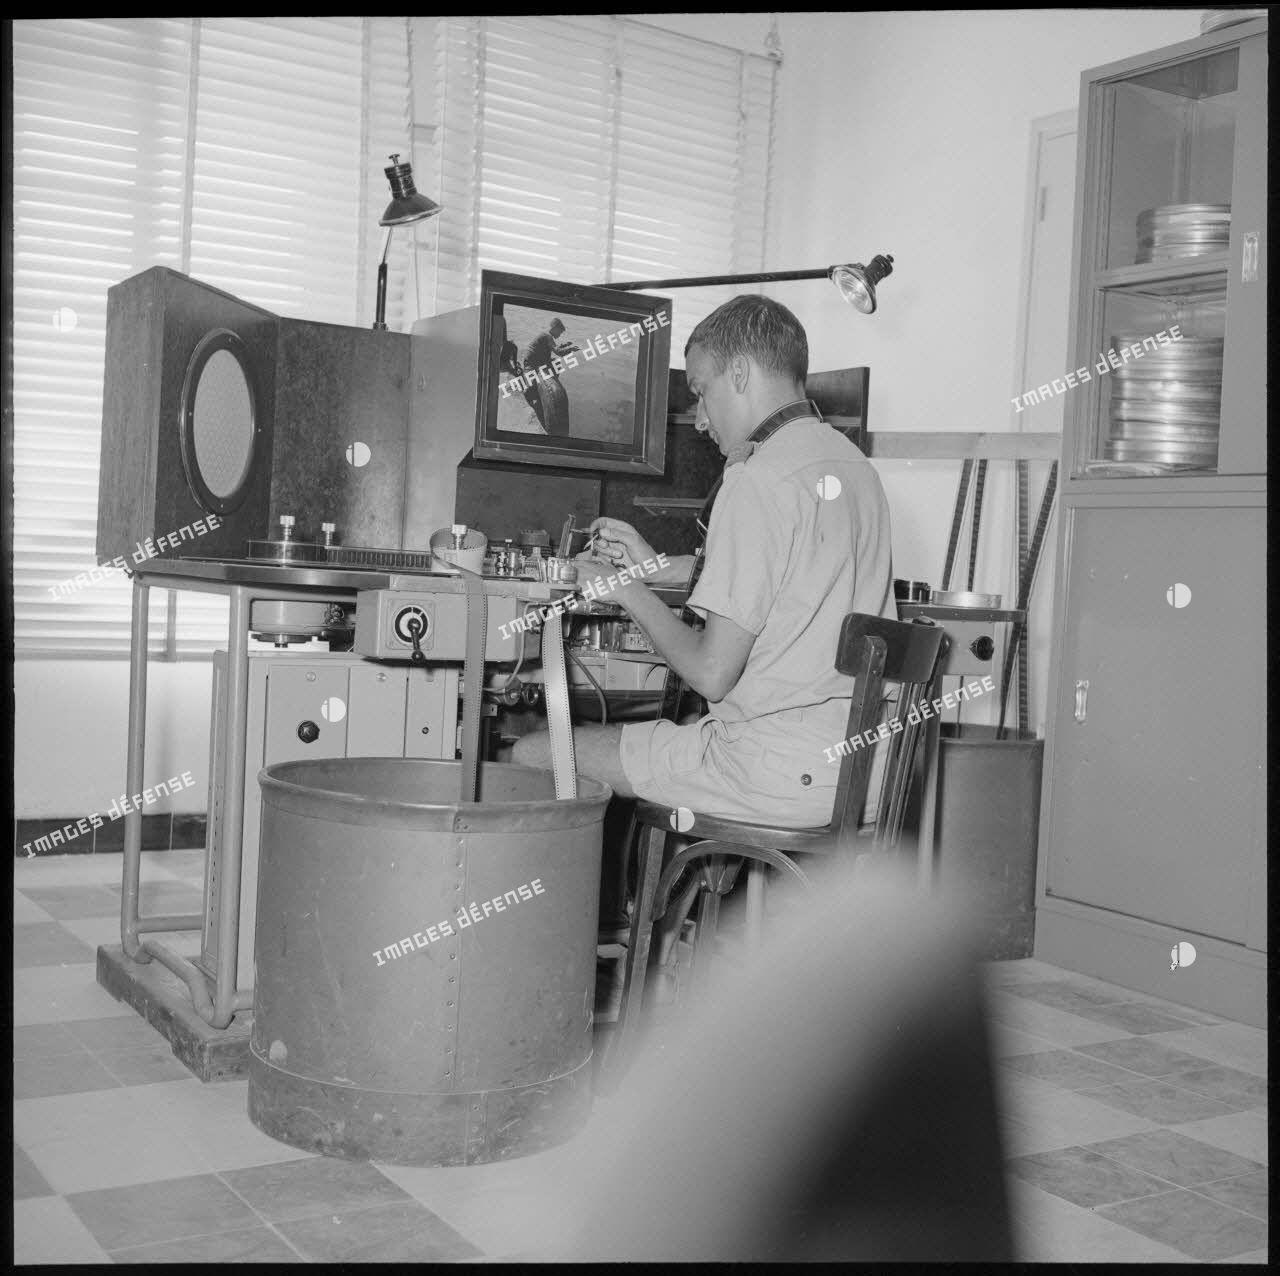 Un soldat visionne un film pour le montage d'une production SCA.